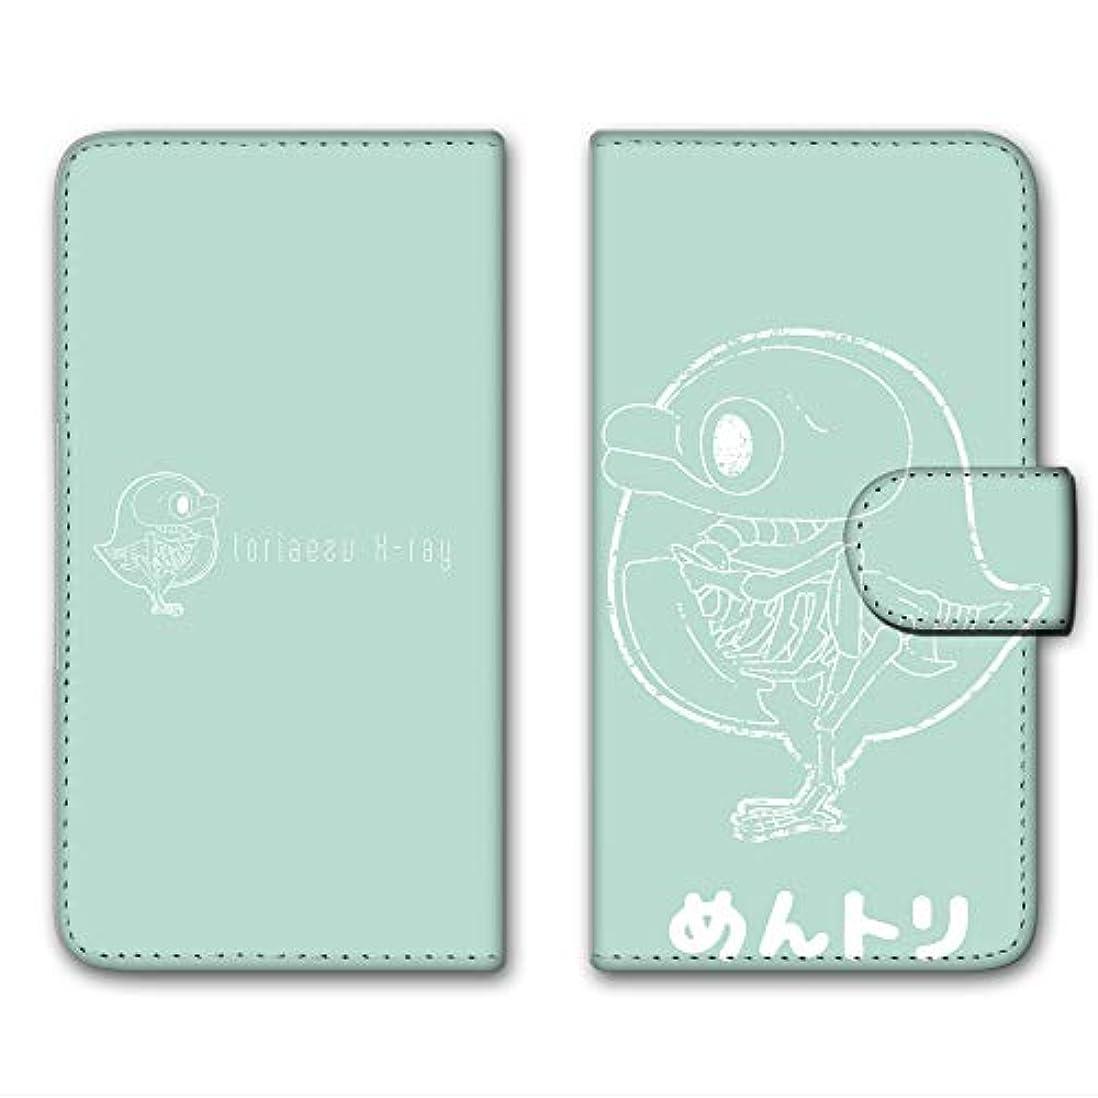 小間シンプルさではごきげんようめんトリ Galaxy S9 Plus SM-G9650 ケース 手帳型 UVプリント手帳 レントゲンF (in-036) スマホケース ギャラクシー エスナイン プラス 手帳 カバー 全機種対応 WN-LC583105_LL